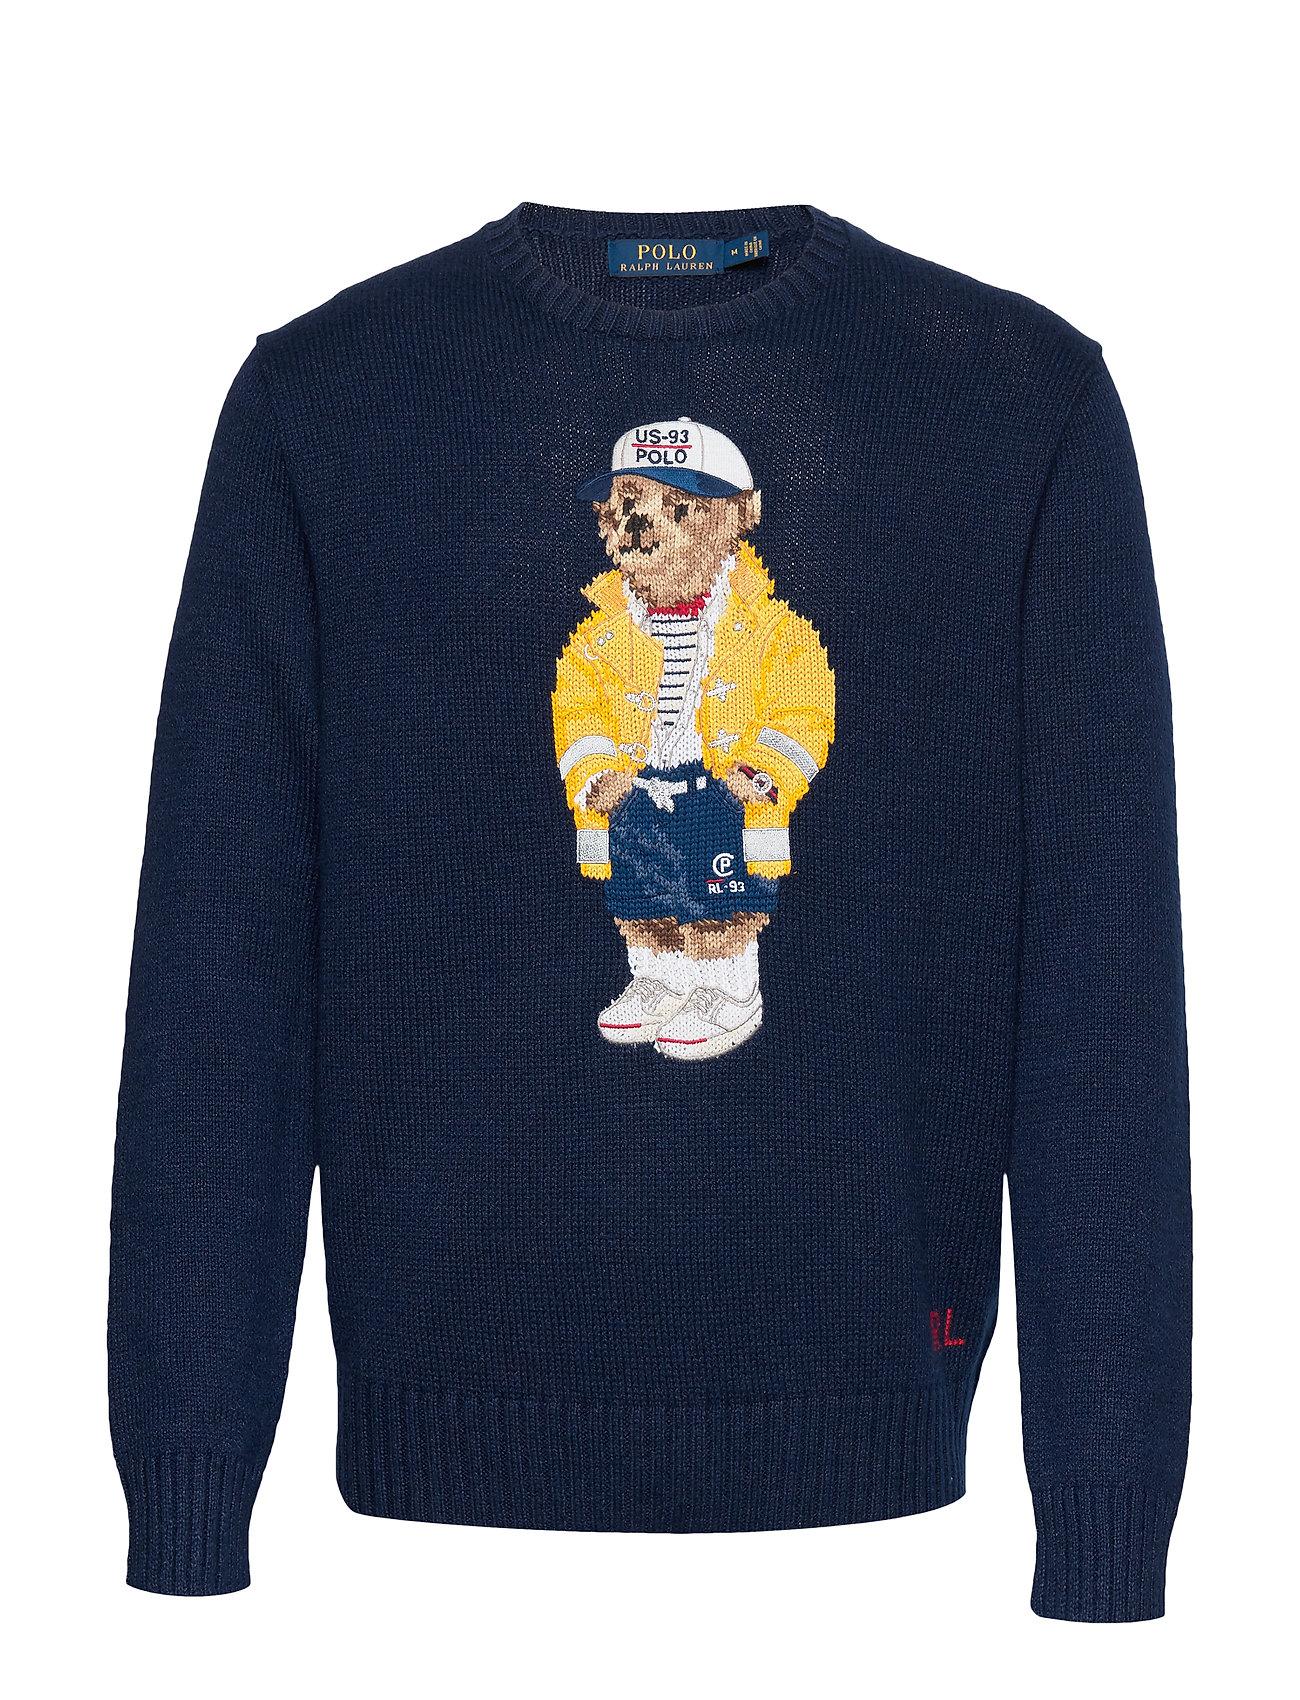 Polo Ralph Lauren CP-93 Bear Sweater - NAVY SAILOR